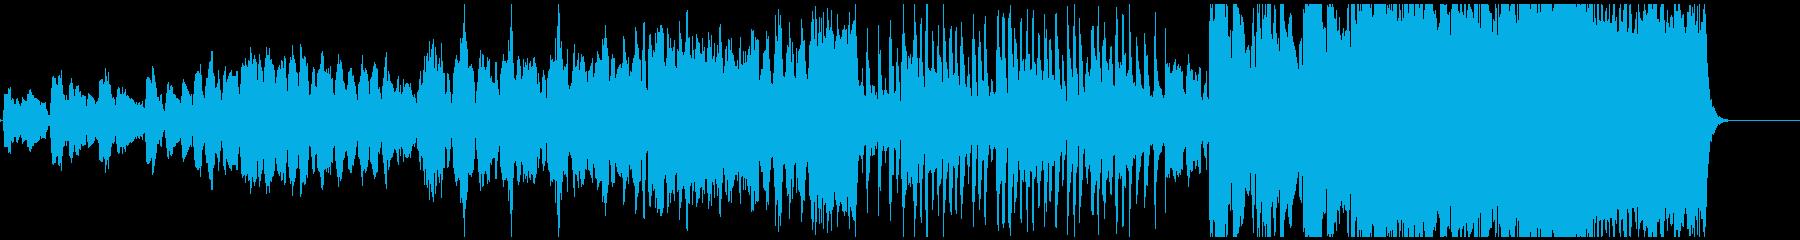 壮大でなめらかなメロディーの再生済みの波形